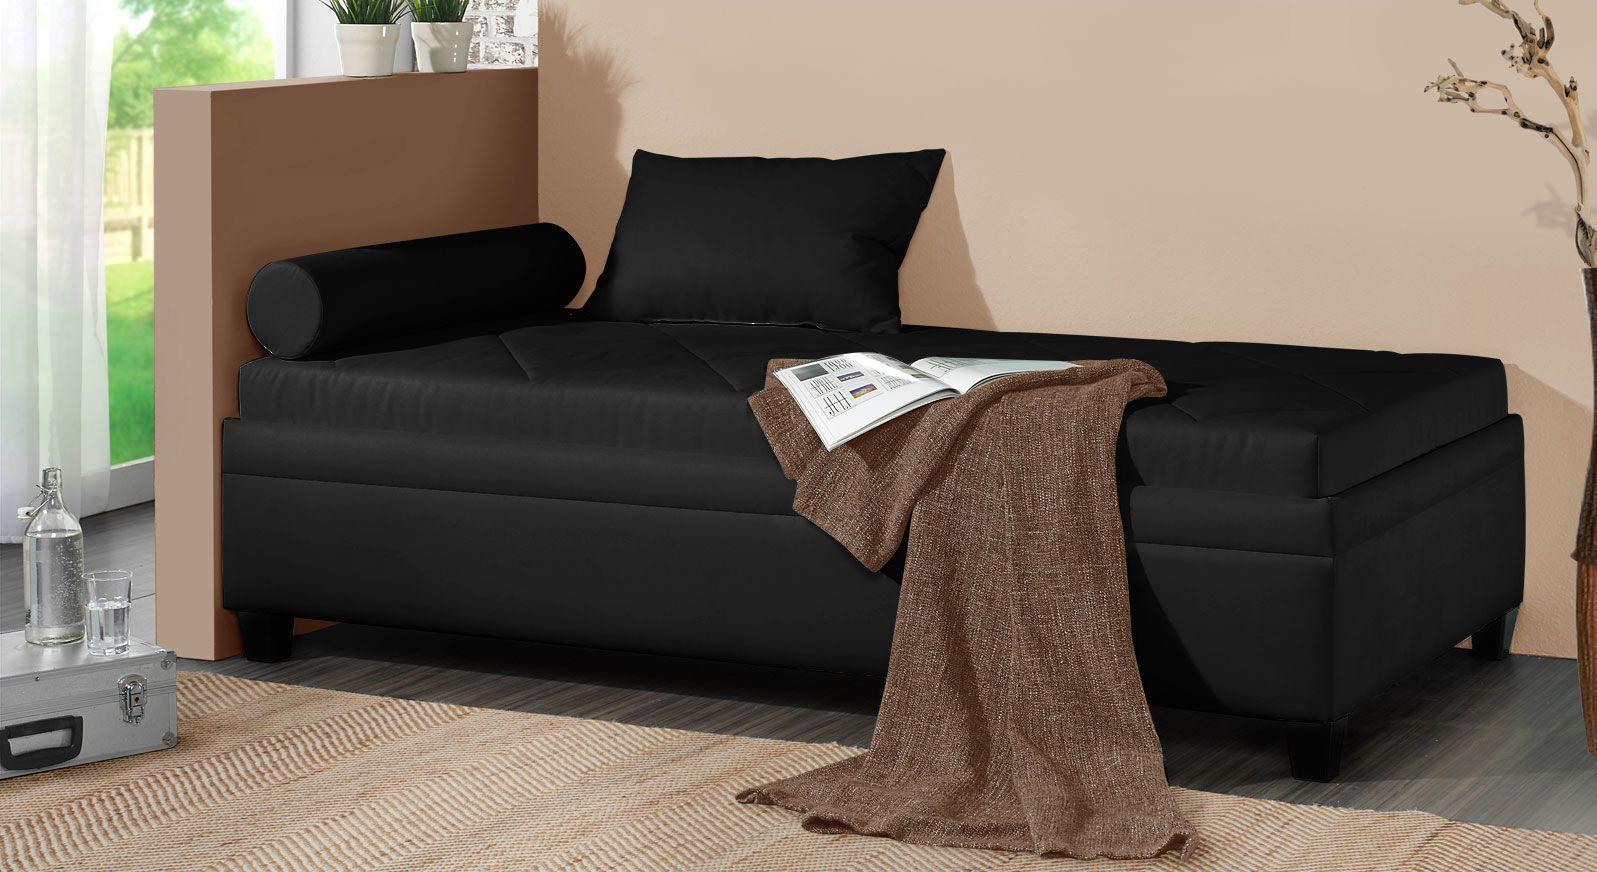 Relaxliege Kamina aus Microvelours in Schwarz